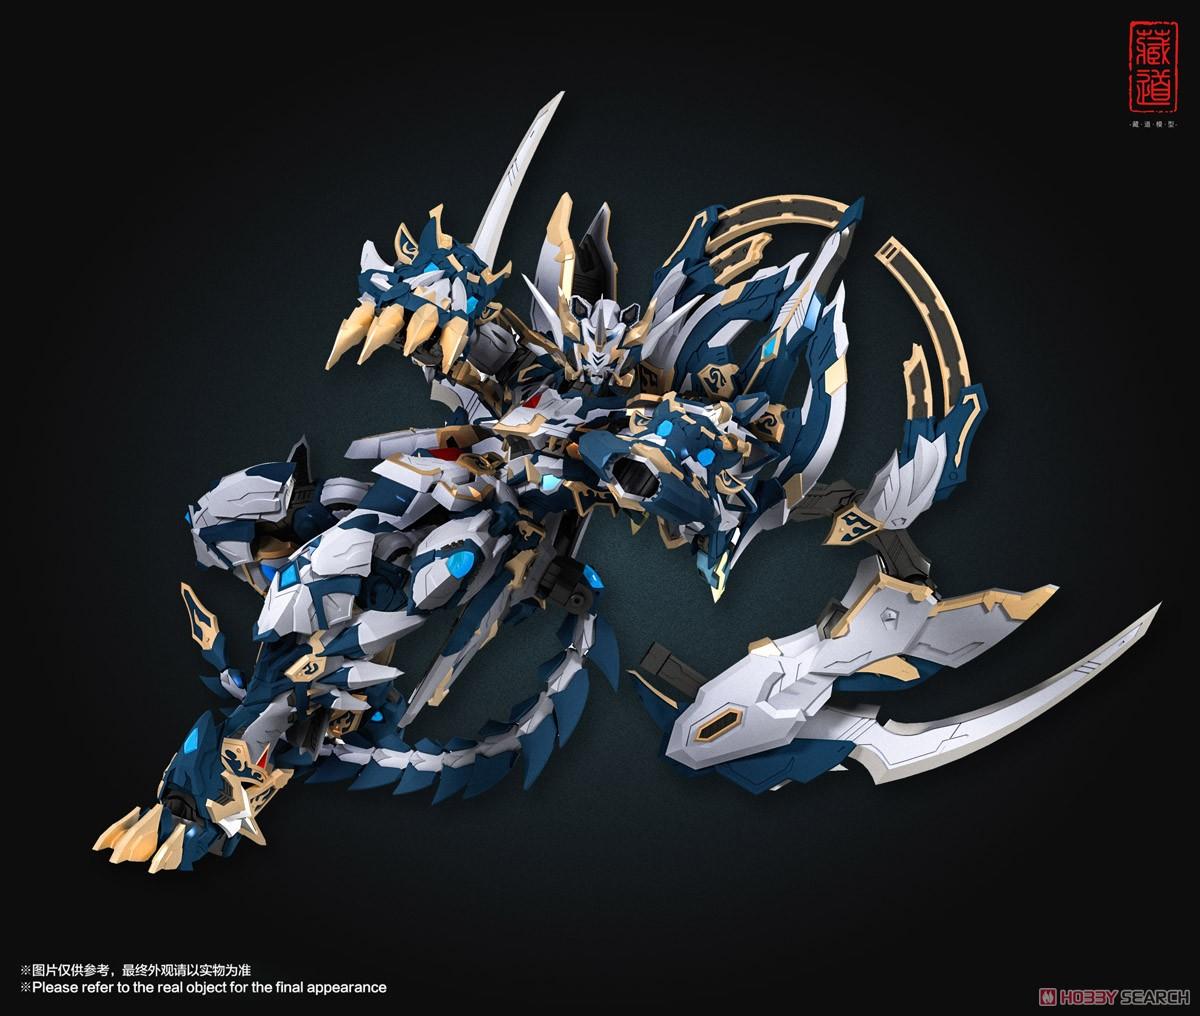 『CD-02 四聖獣 白虎』合金可動フィギュア-005